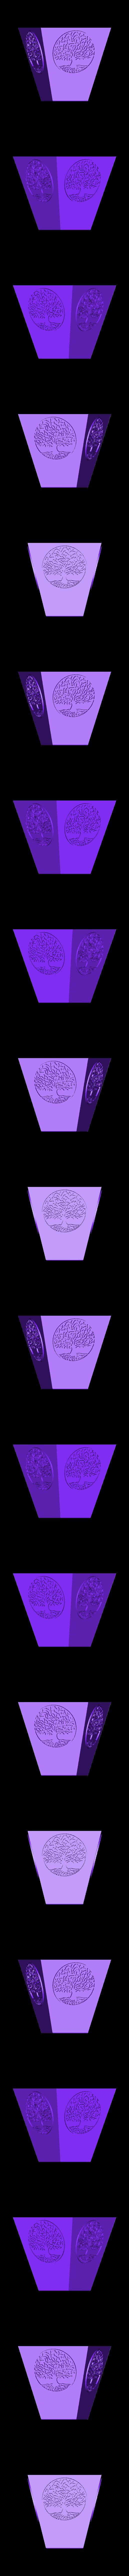 Flower plot square2.stl Télécharger fichier STL POT DE FLEUR AVEC ARBRE DE VIE • Modèle imprimable en 3D, SNG06